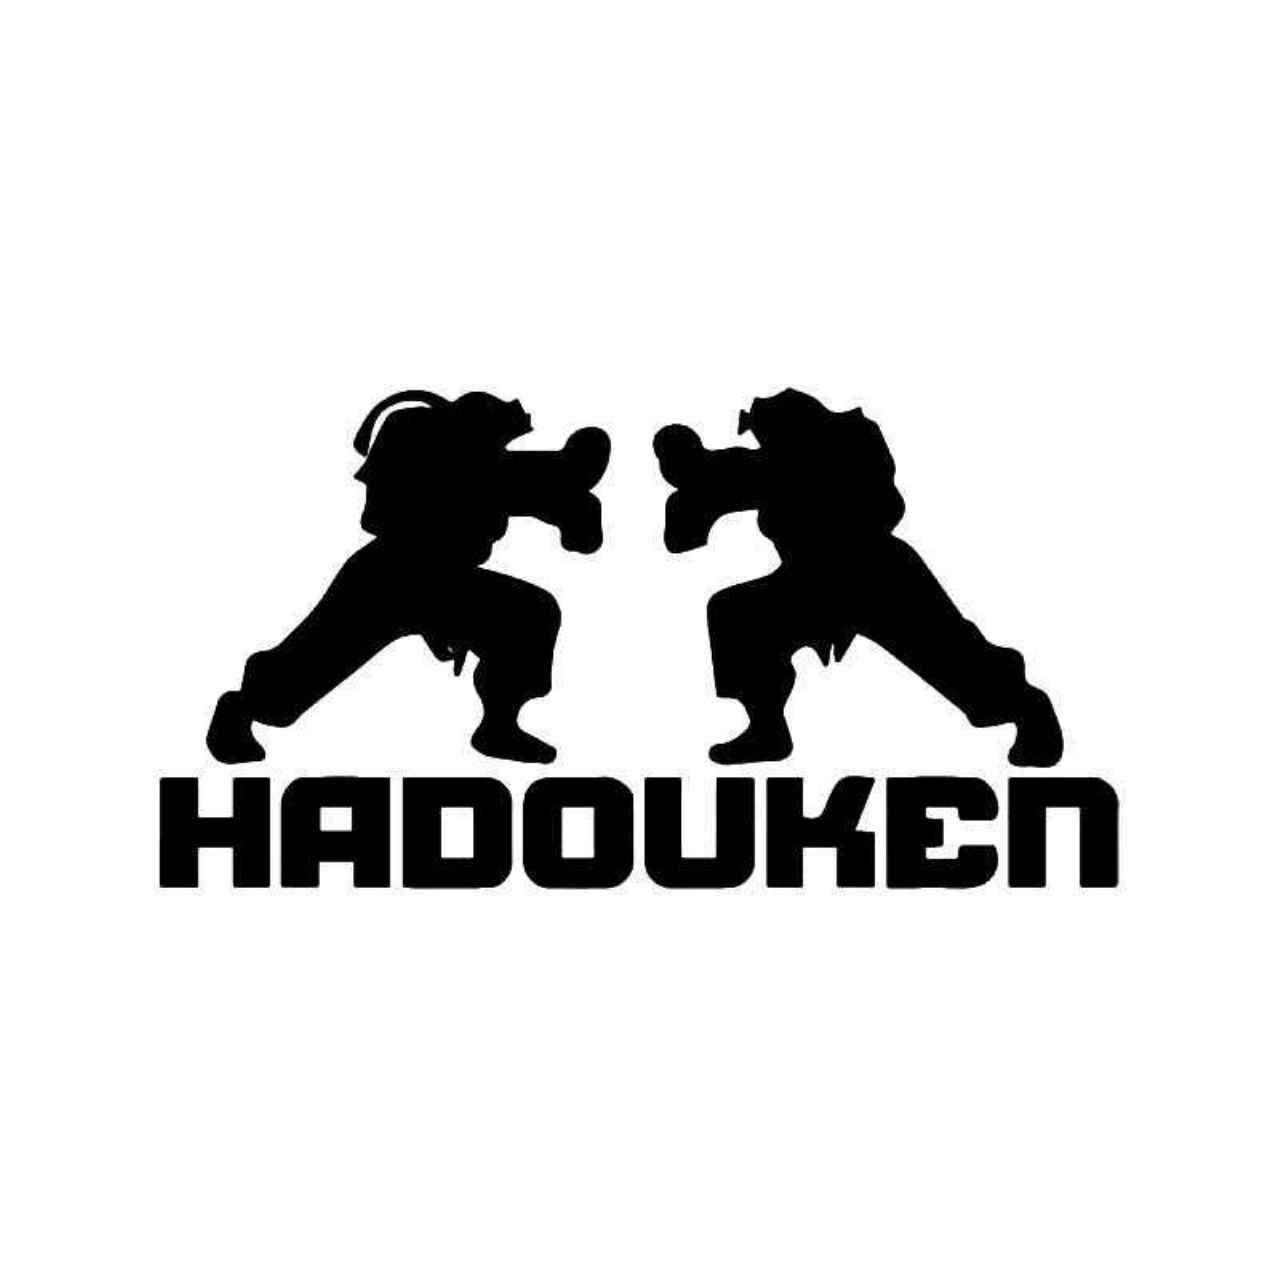 Street fighter hadouken gaming vinyl decal sticker ballzbeatz com